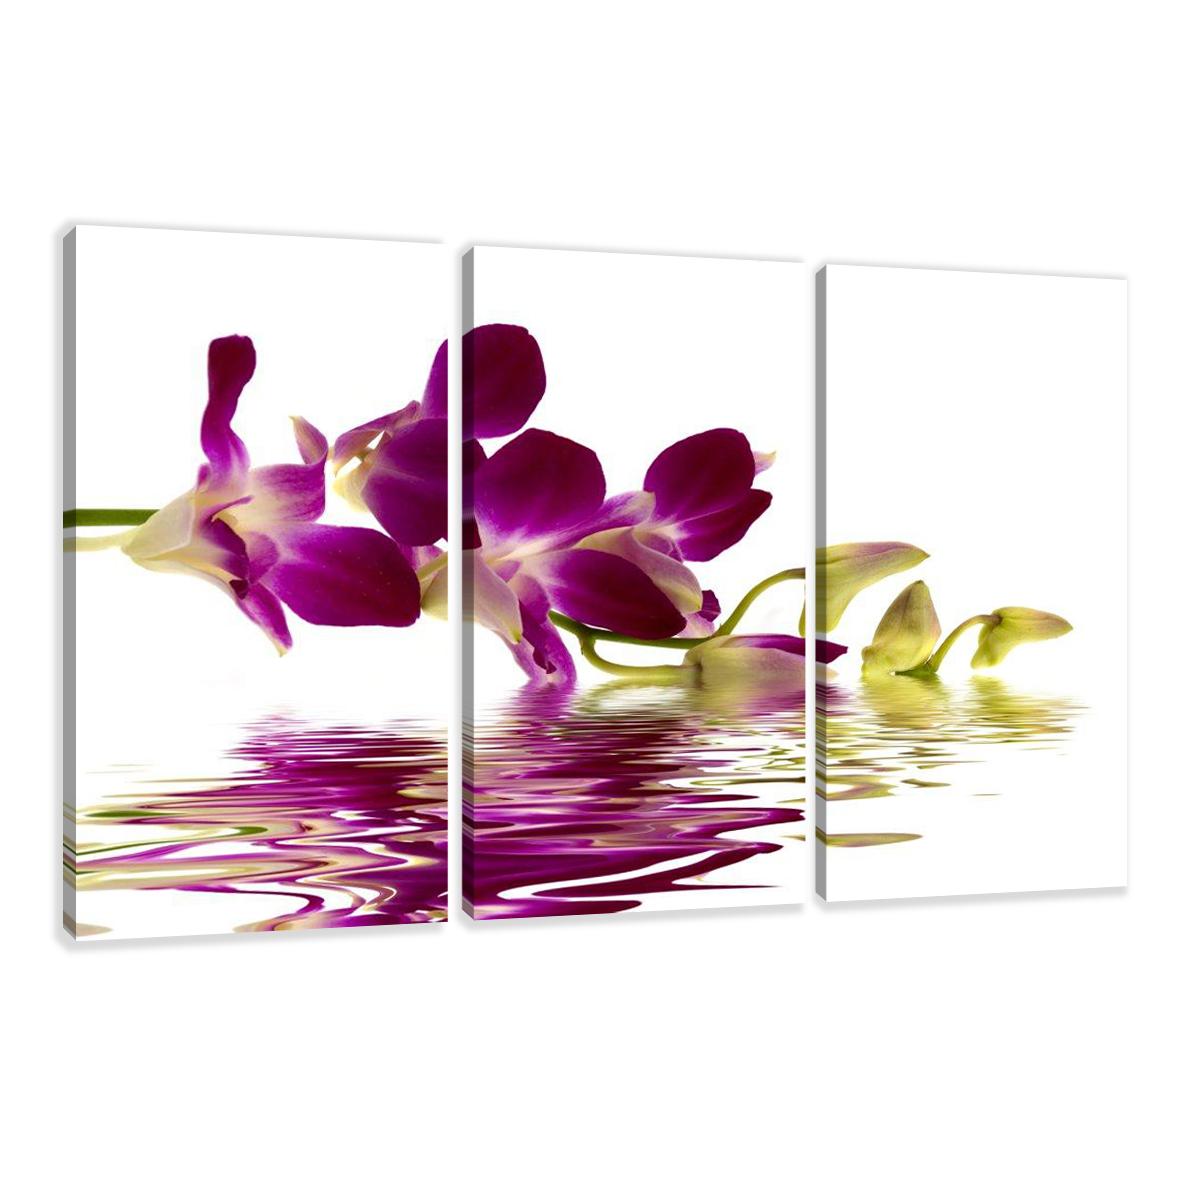 impression sur toile differents motives 160 x 90 cm 3 parts fr1 1571 ebay. Black Bedroom Furniture Sets. Home Design Ideas